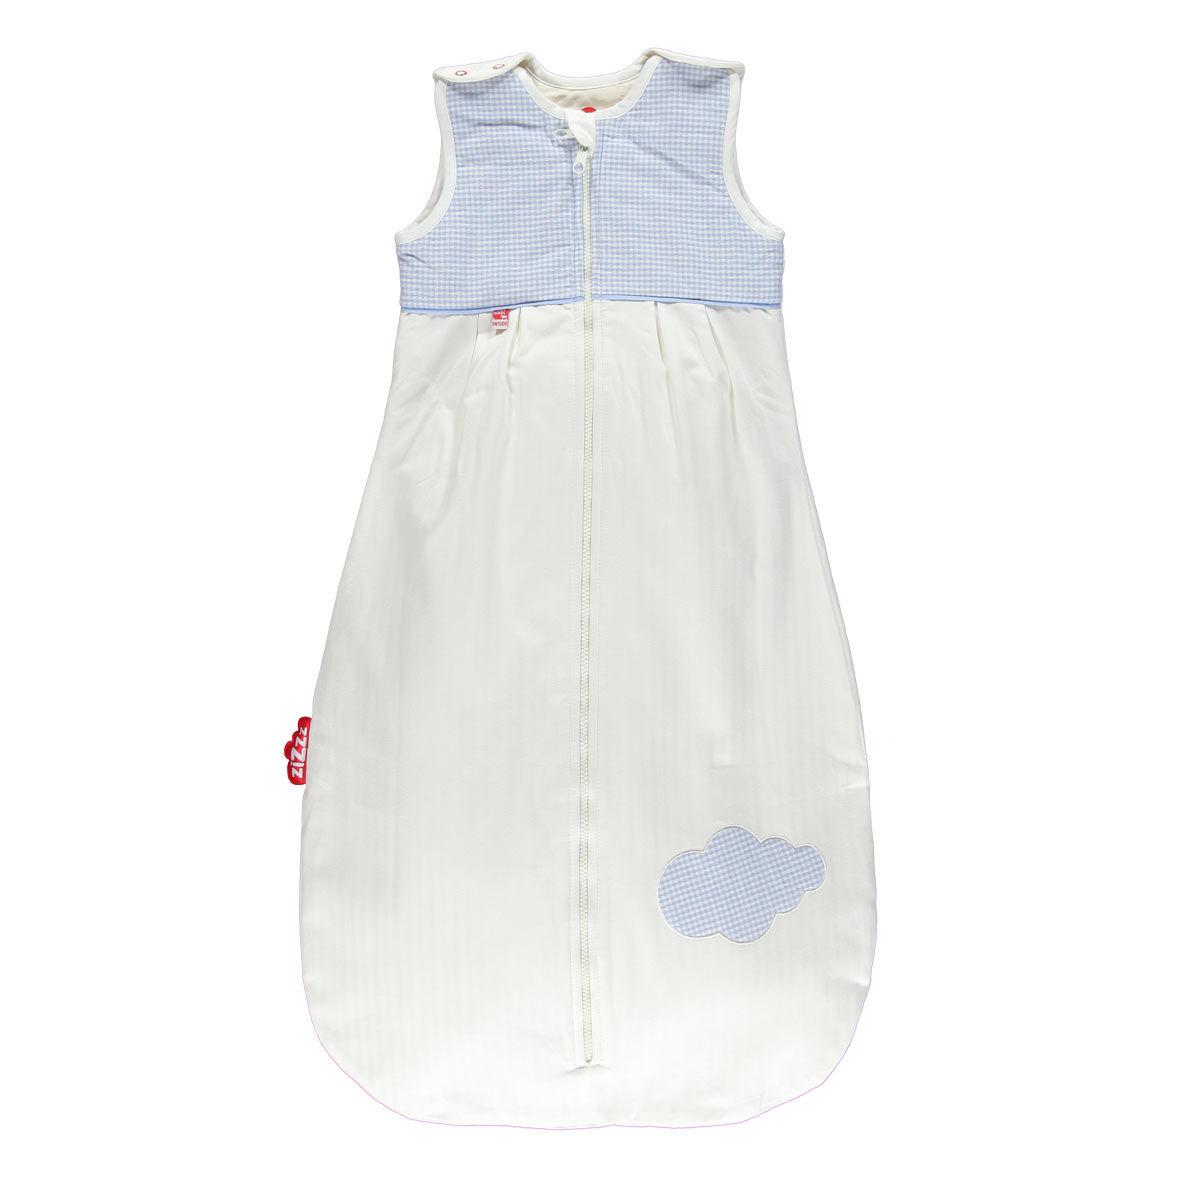 babyschlafsack swisswool von zizzz, blau, 6 24 monate